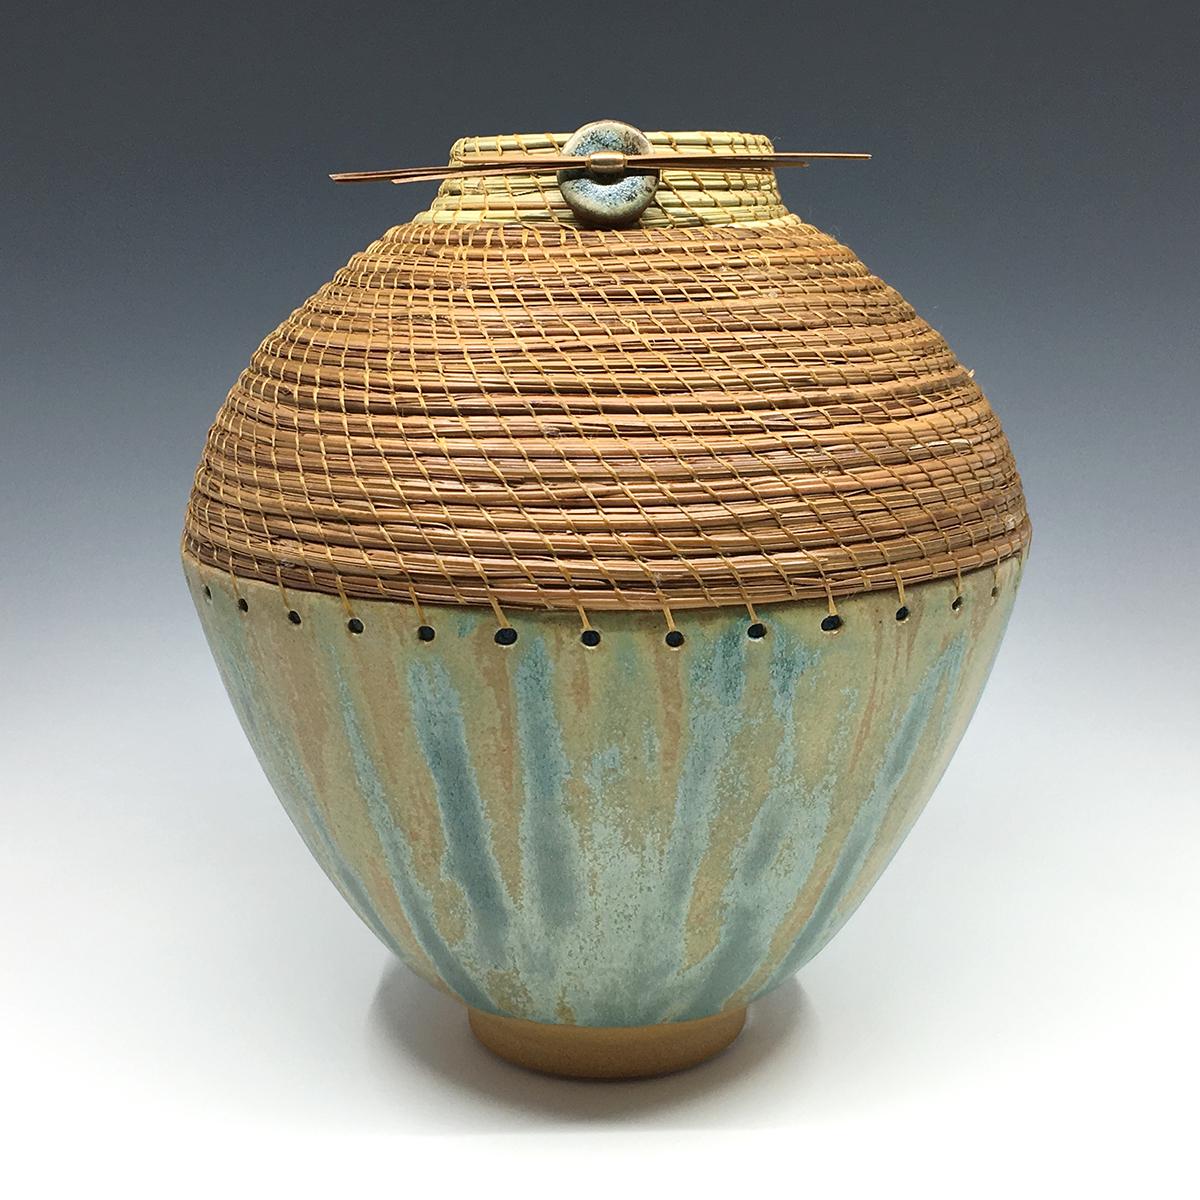 Two-tone large vase